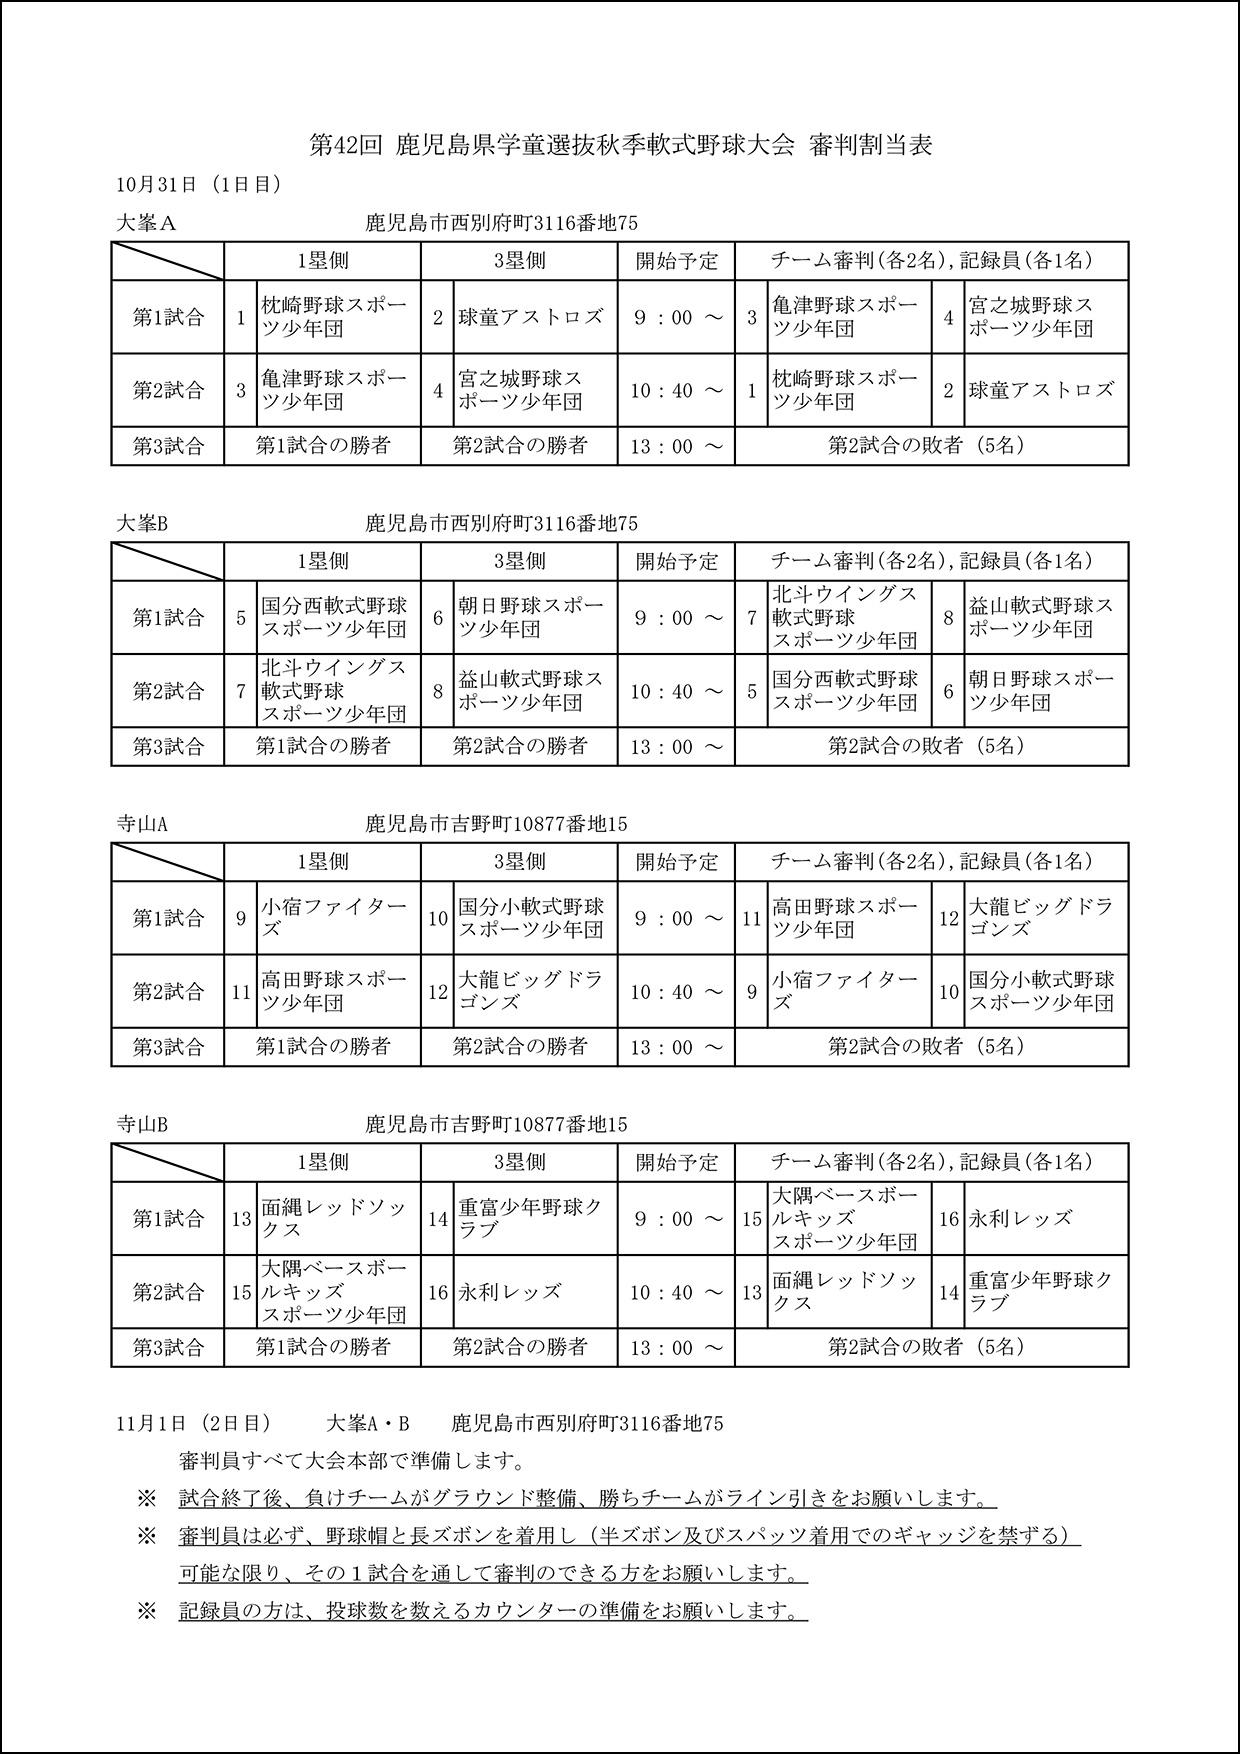 【審判割当表】第2回 かしん旗争奪鹿児島県学童軟式野球大会